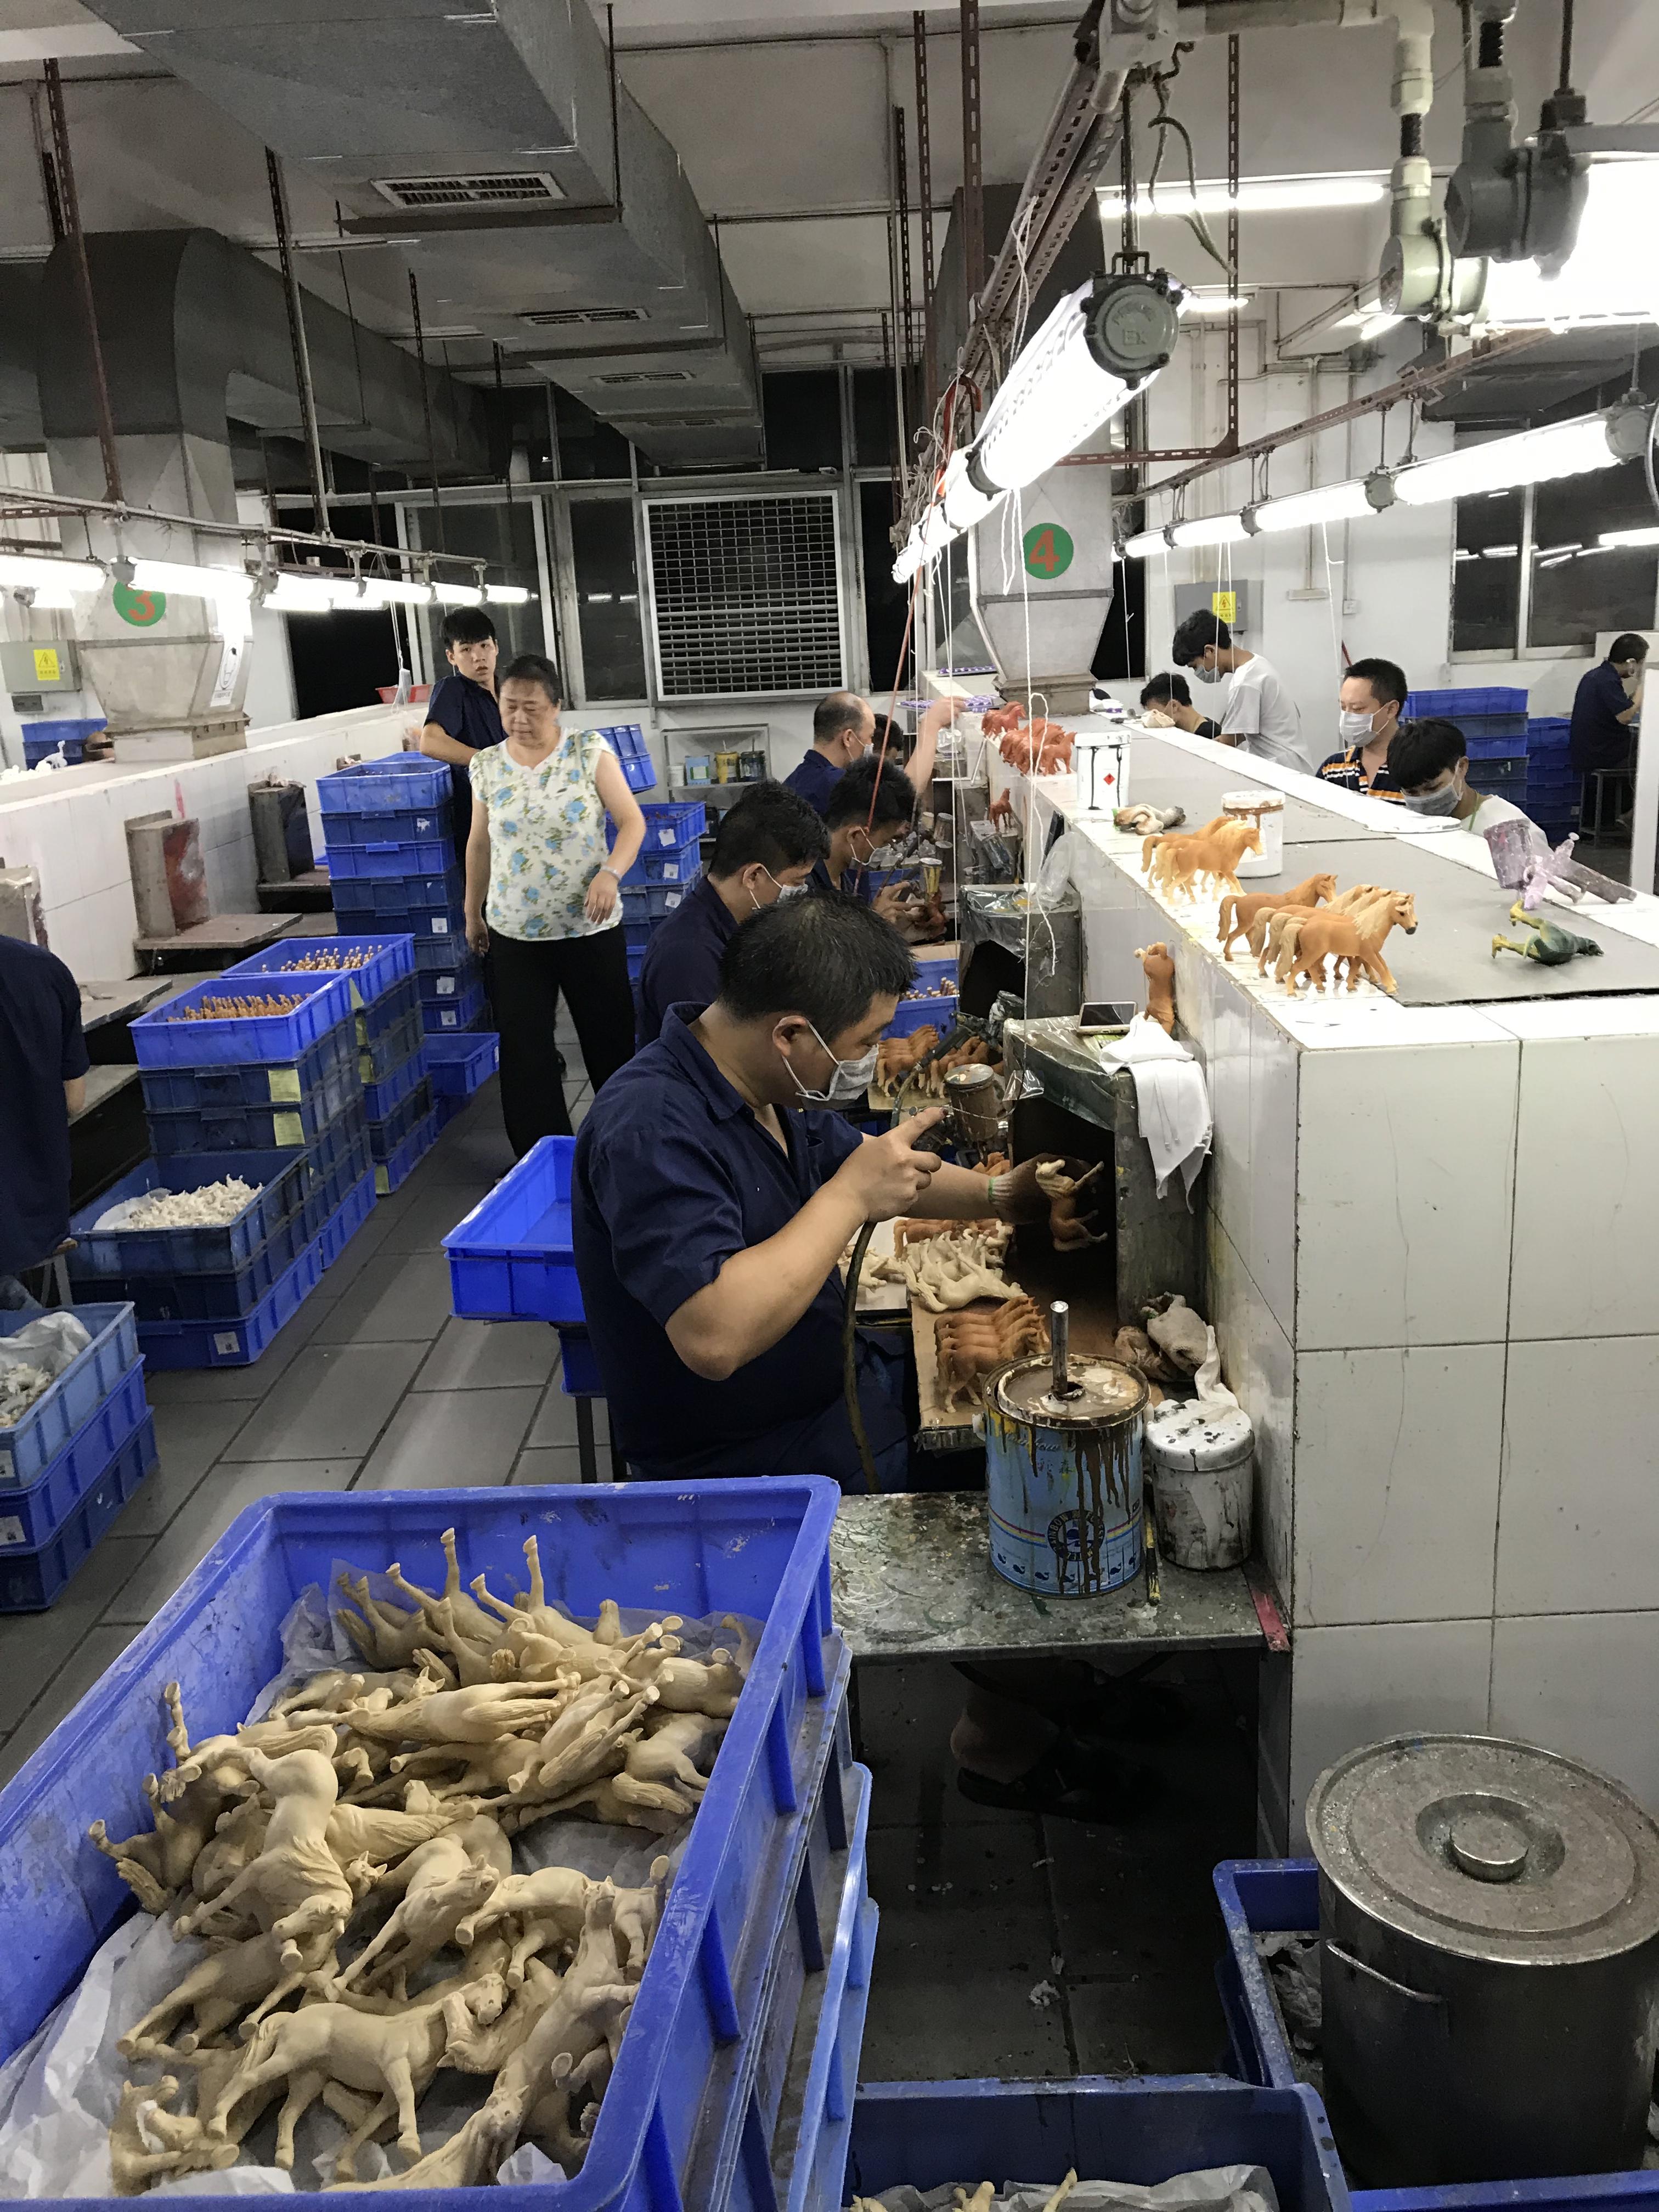 Herstellung von Schleich-Pferden in der Fabrik Lovable